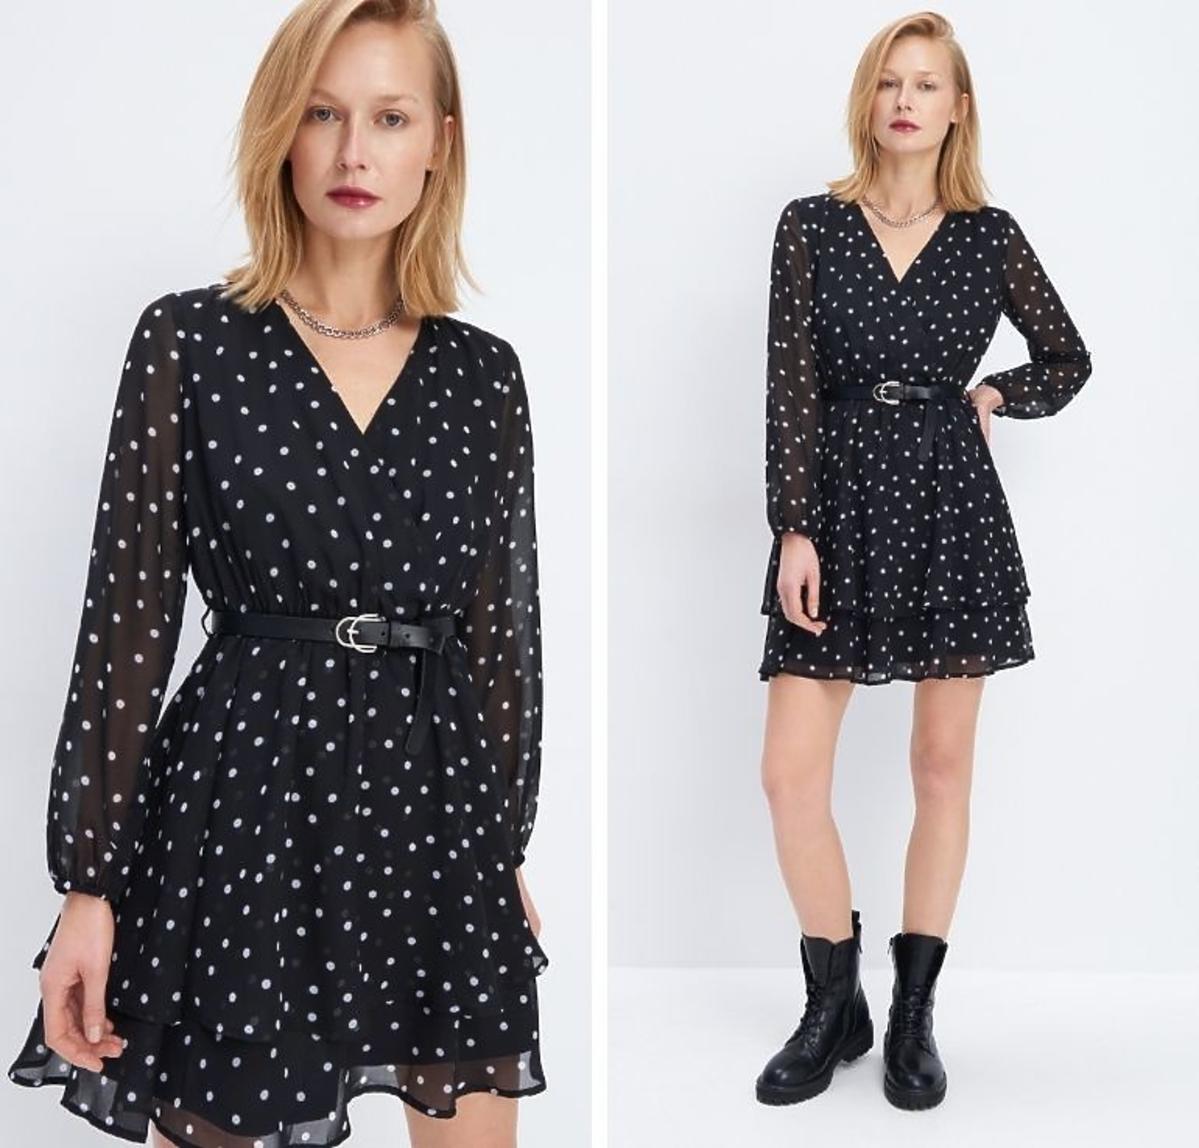 Sukienka w kropki na wiosnę Mohito cena 160 zł